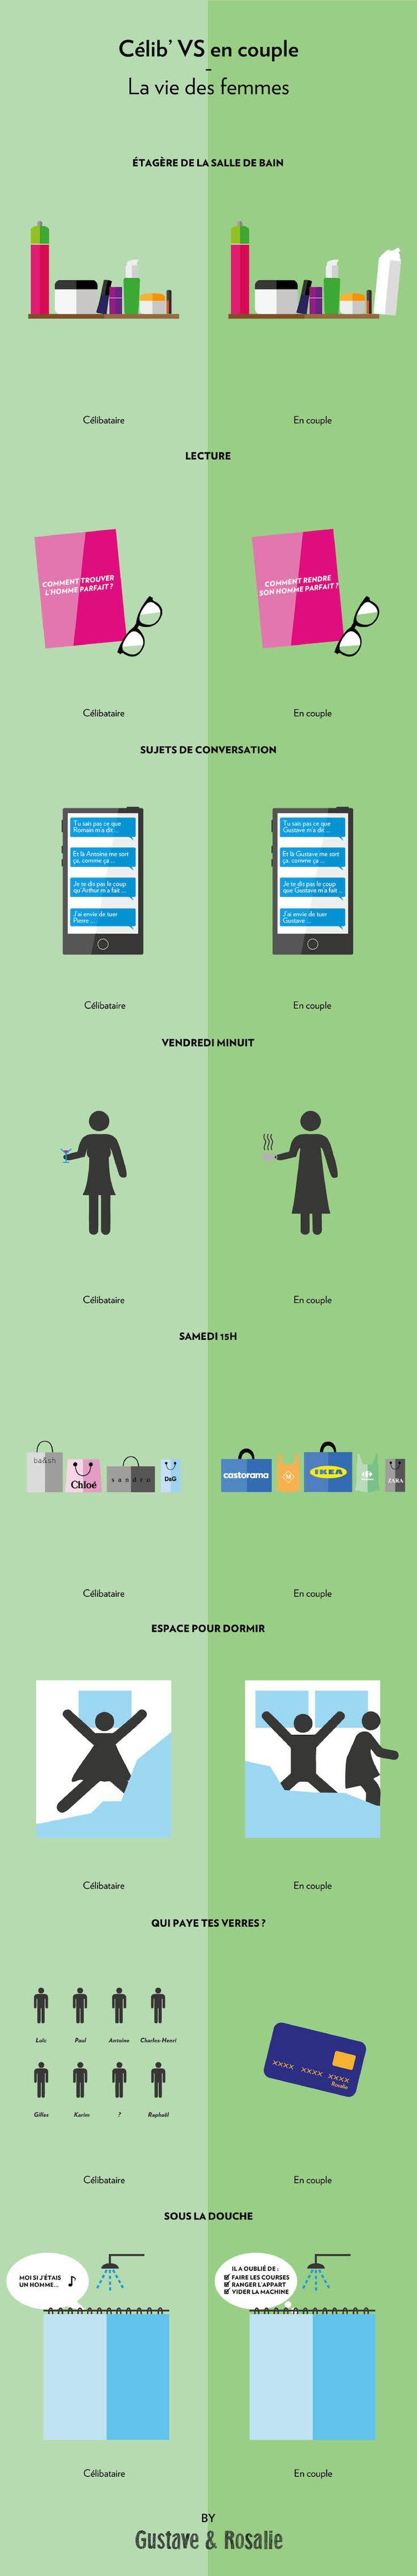 Couple vs Célibataire : quelles différences chez les femmes ?